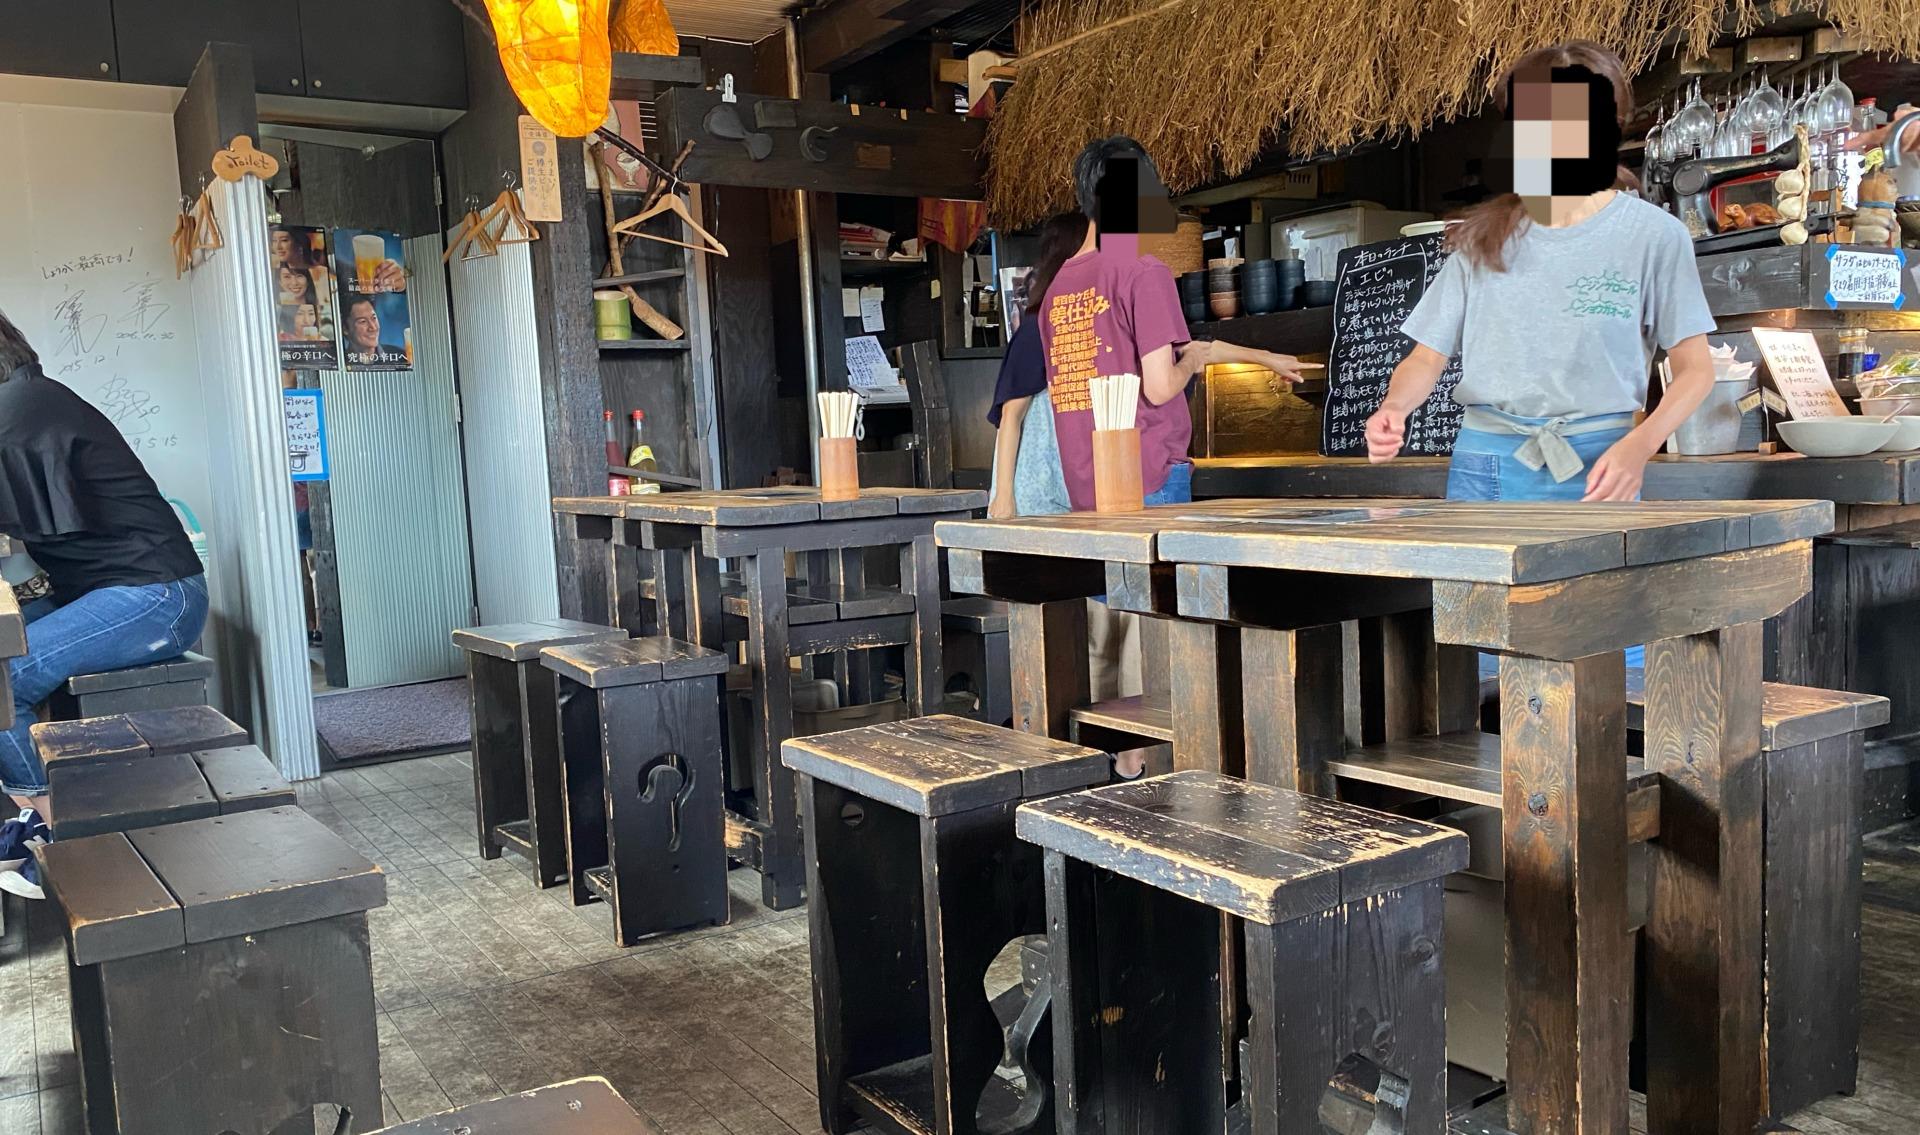 生姜料理しょうがお店雰囲気